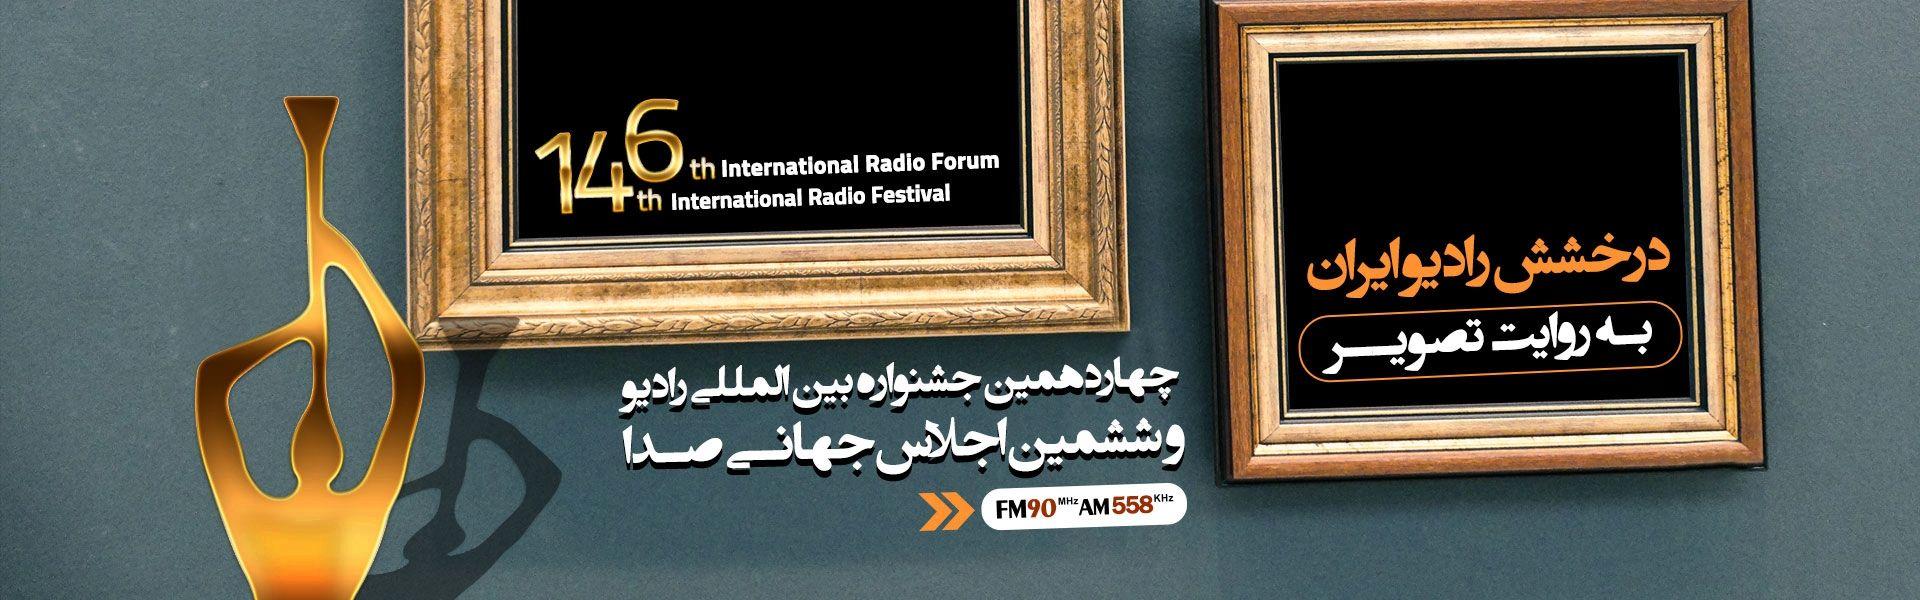 برترین های رادیو ایران در جشنواره